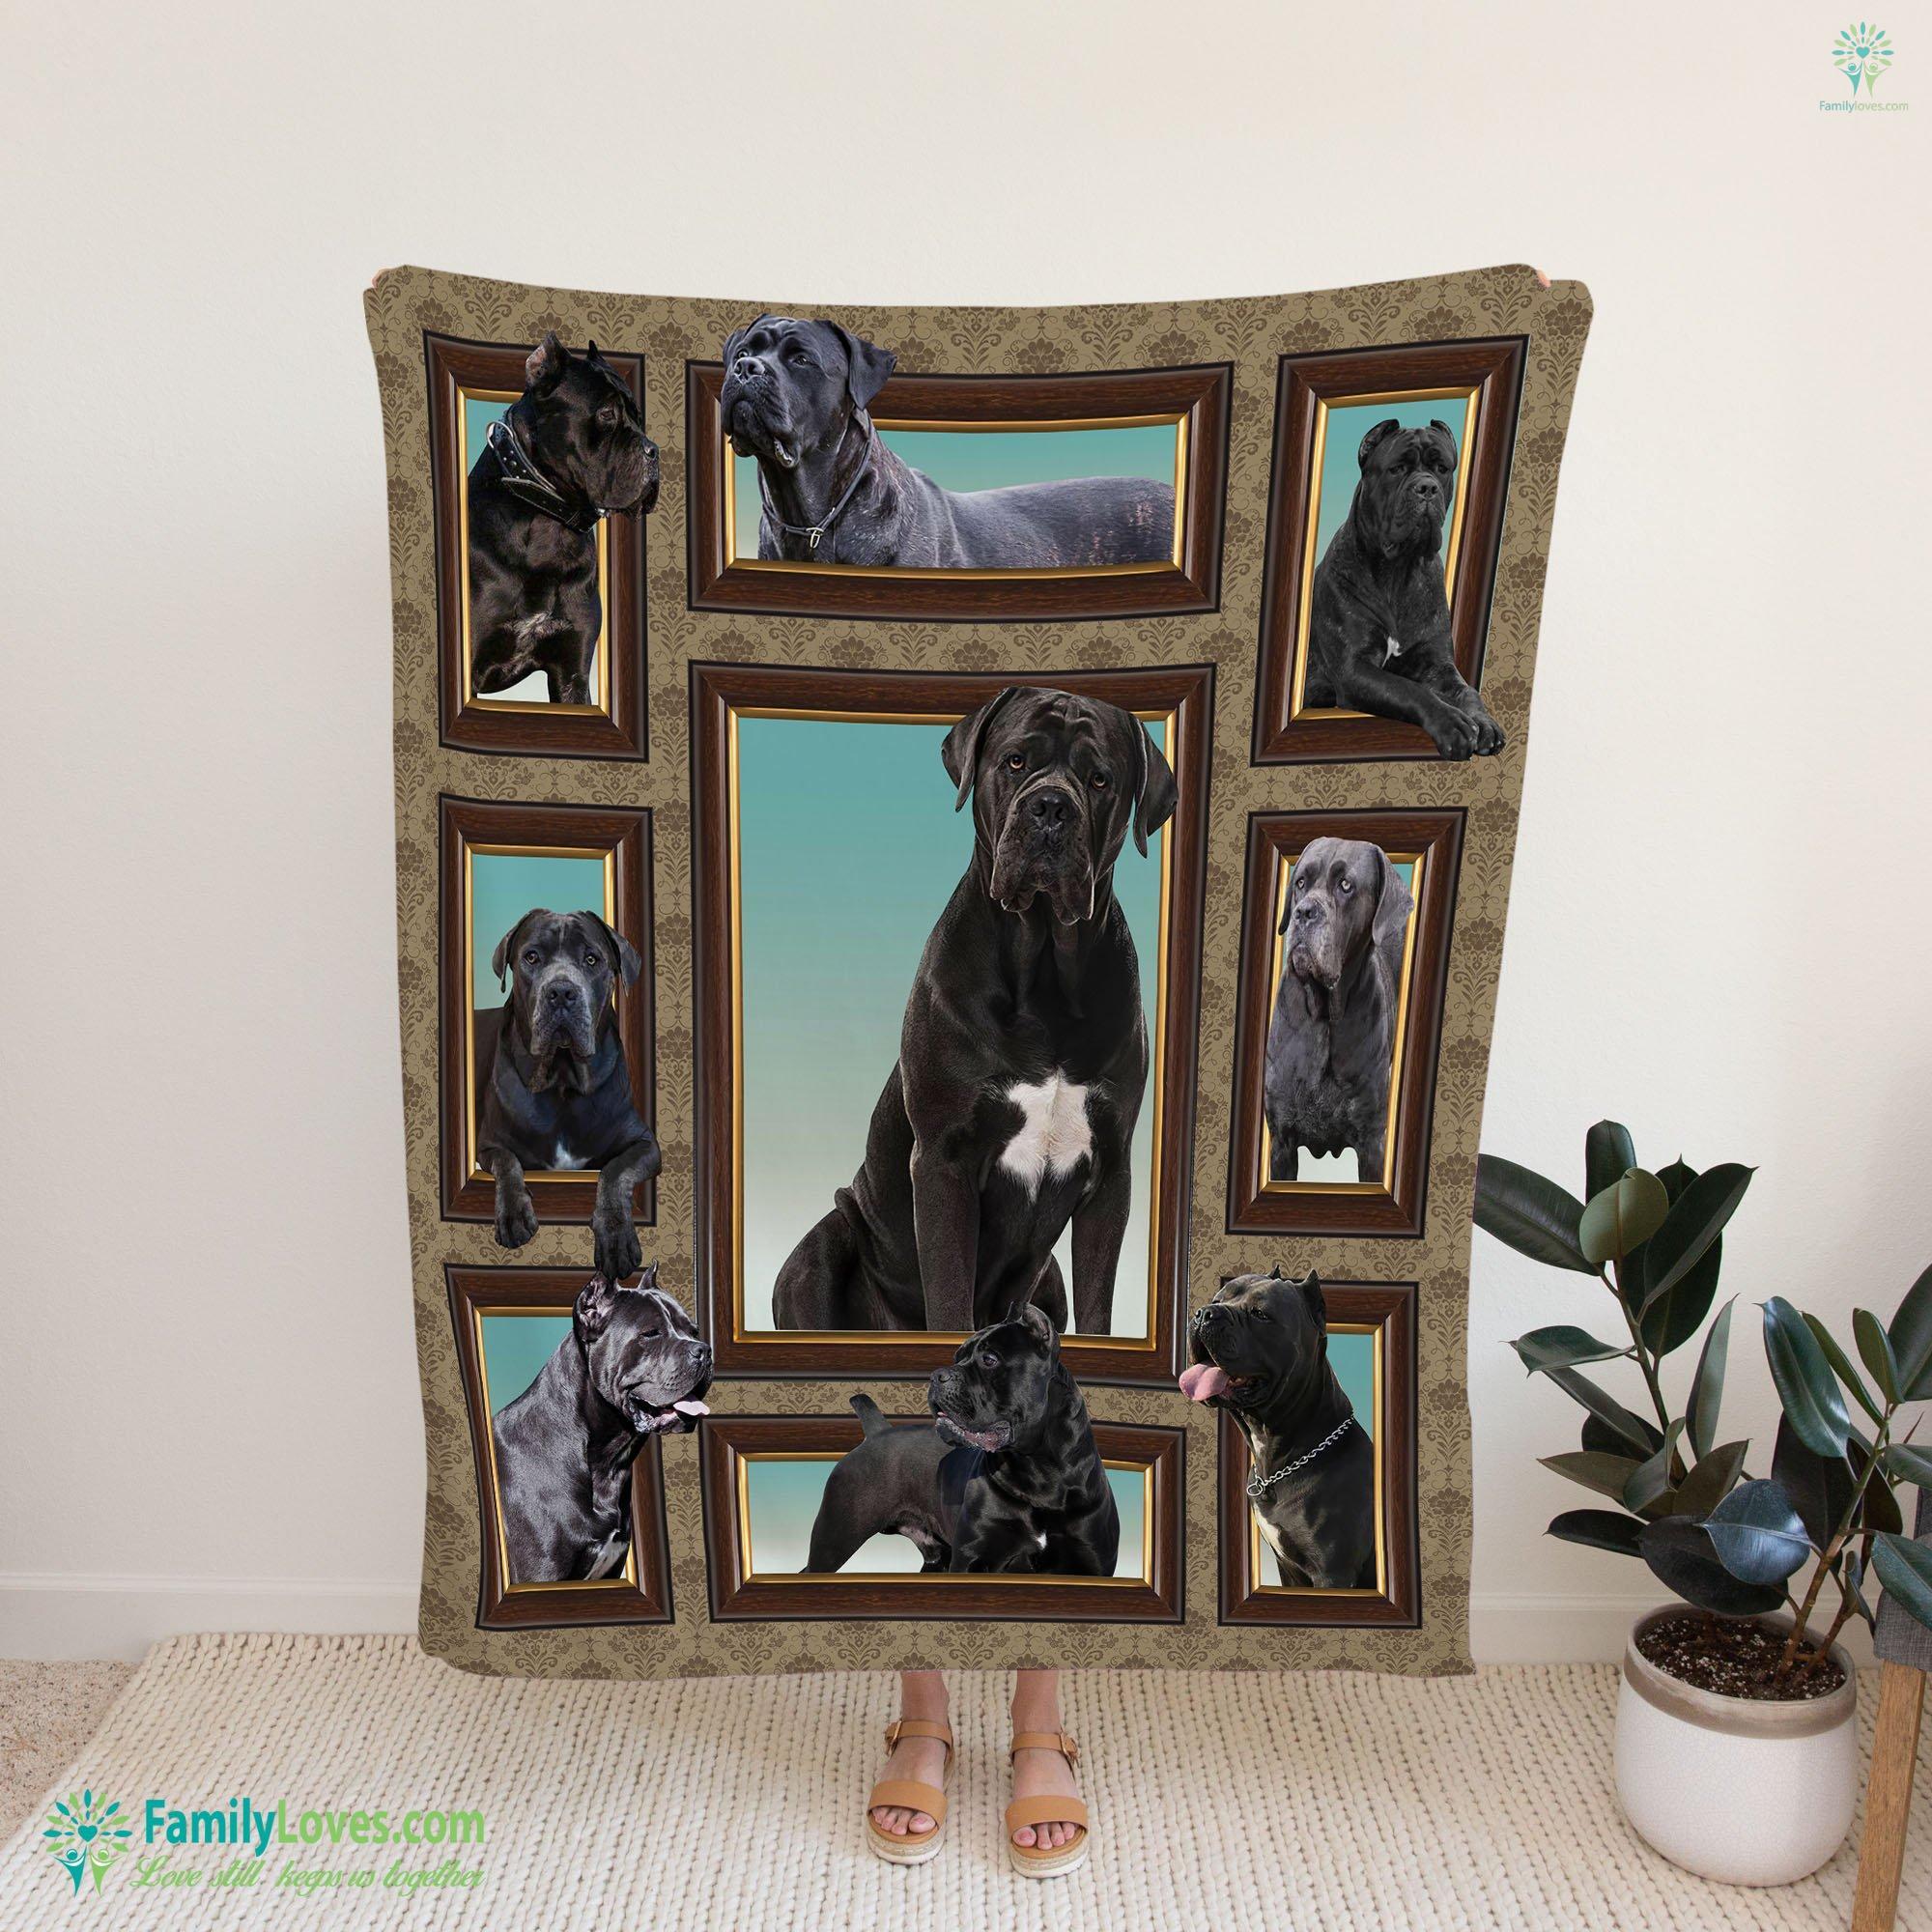 Cane Corso Frame Blanket 10 Familyloves.com